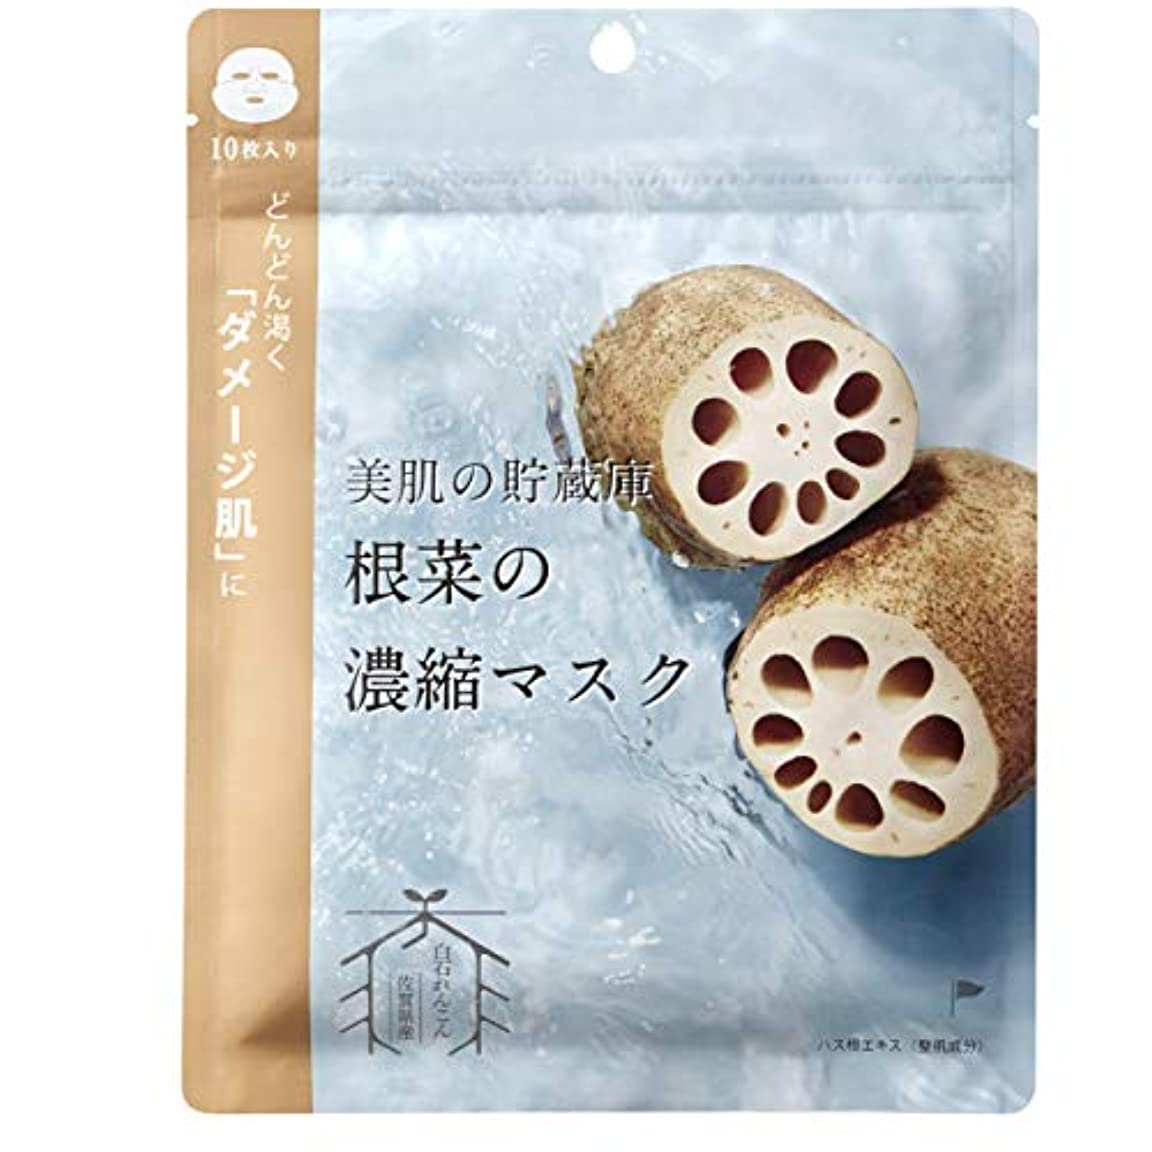 好みオデュッセウスカートリッジ@cosme nippon 美肌の貯蔵庫 根菜の濃縮マスク 白石れんこん 10枚入 160ml